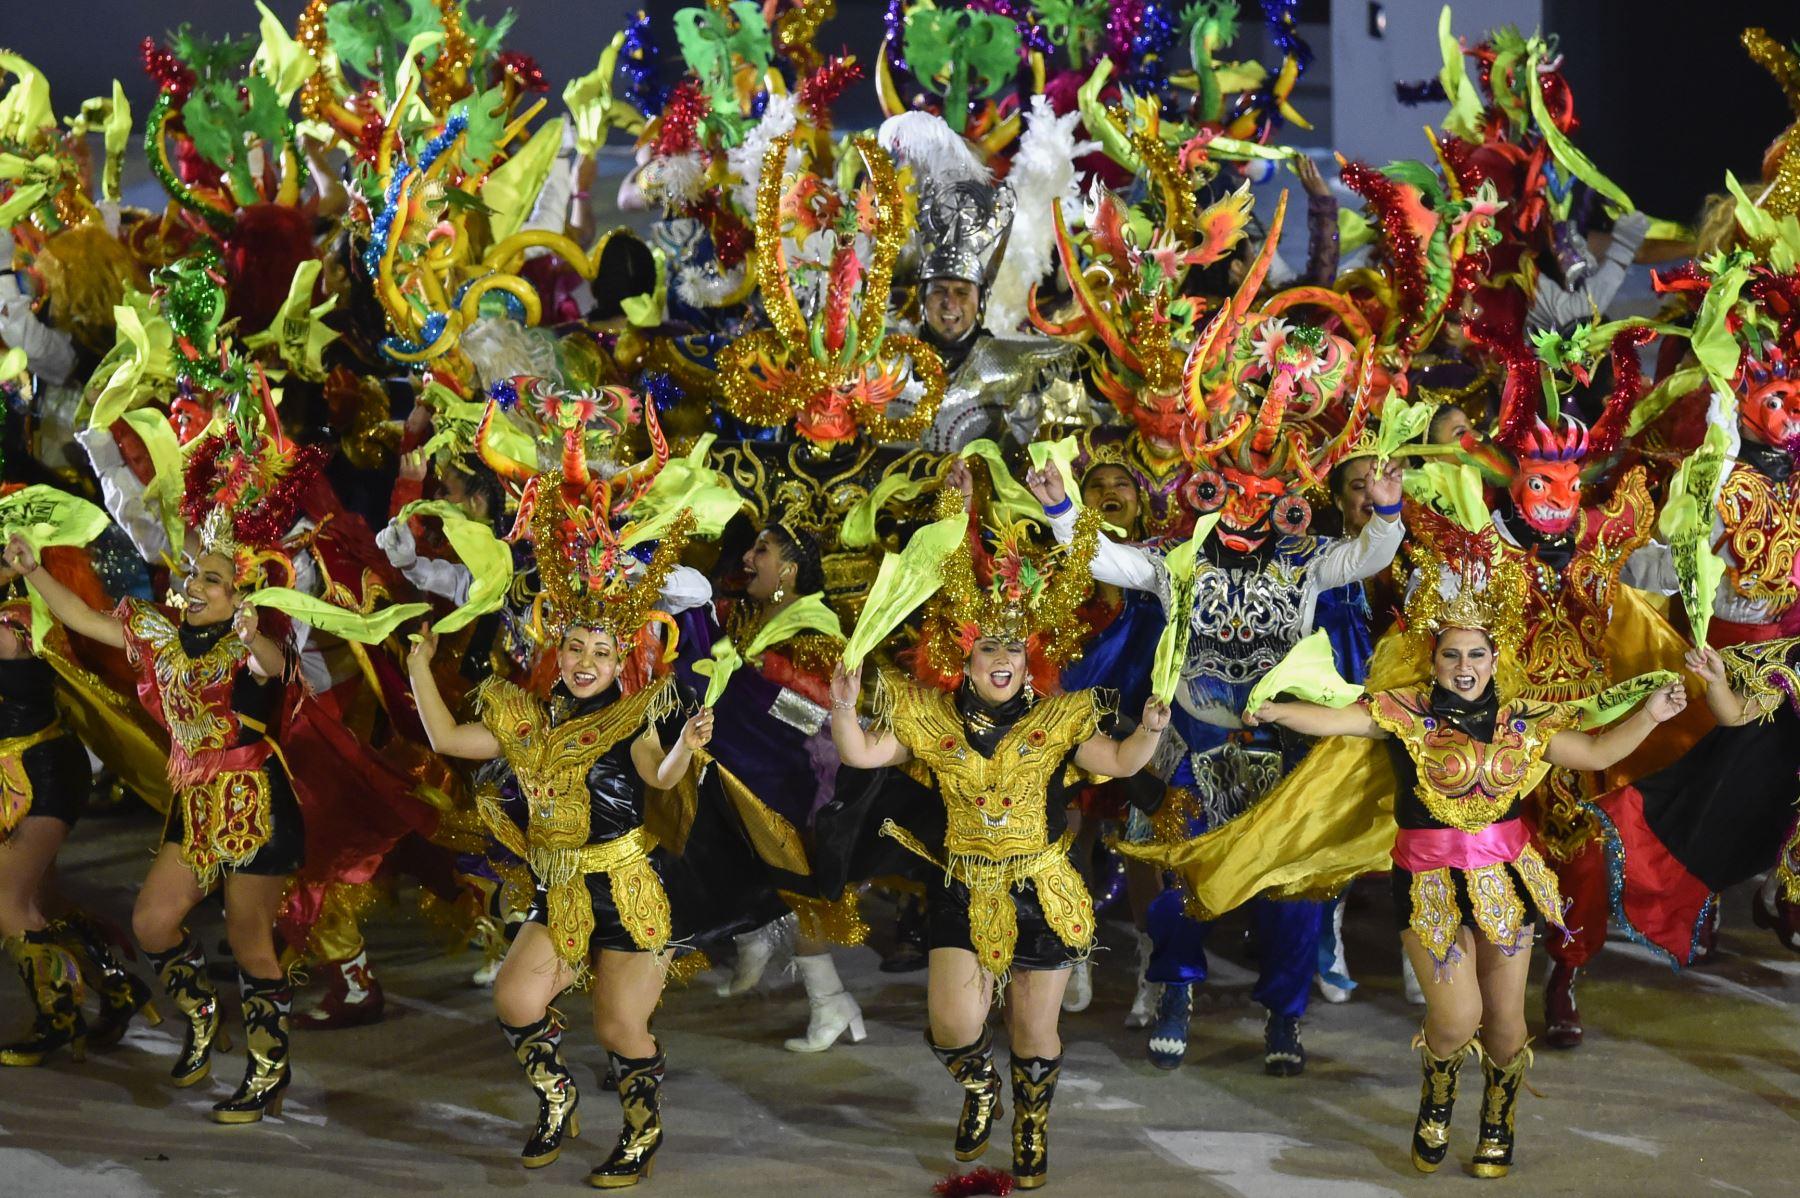 Los artistas representan escenas y artefactos de las culturas antiguas del Perú durante la ceremonia de clausura de los Juegos Panamericanos de Lima 2019 en Lima el 11 de agosto de 2019.AFP